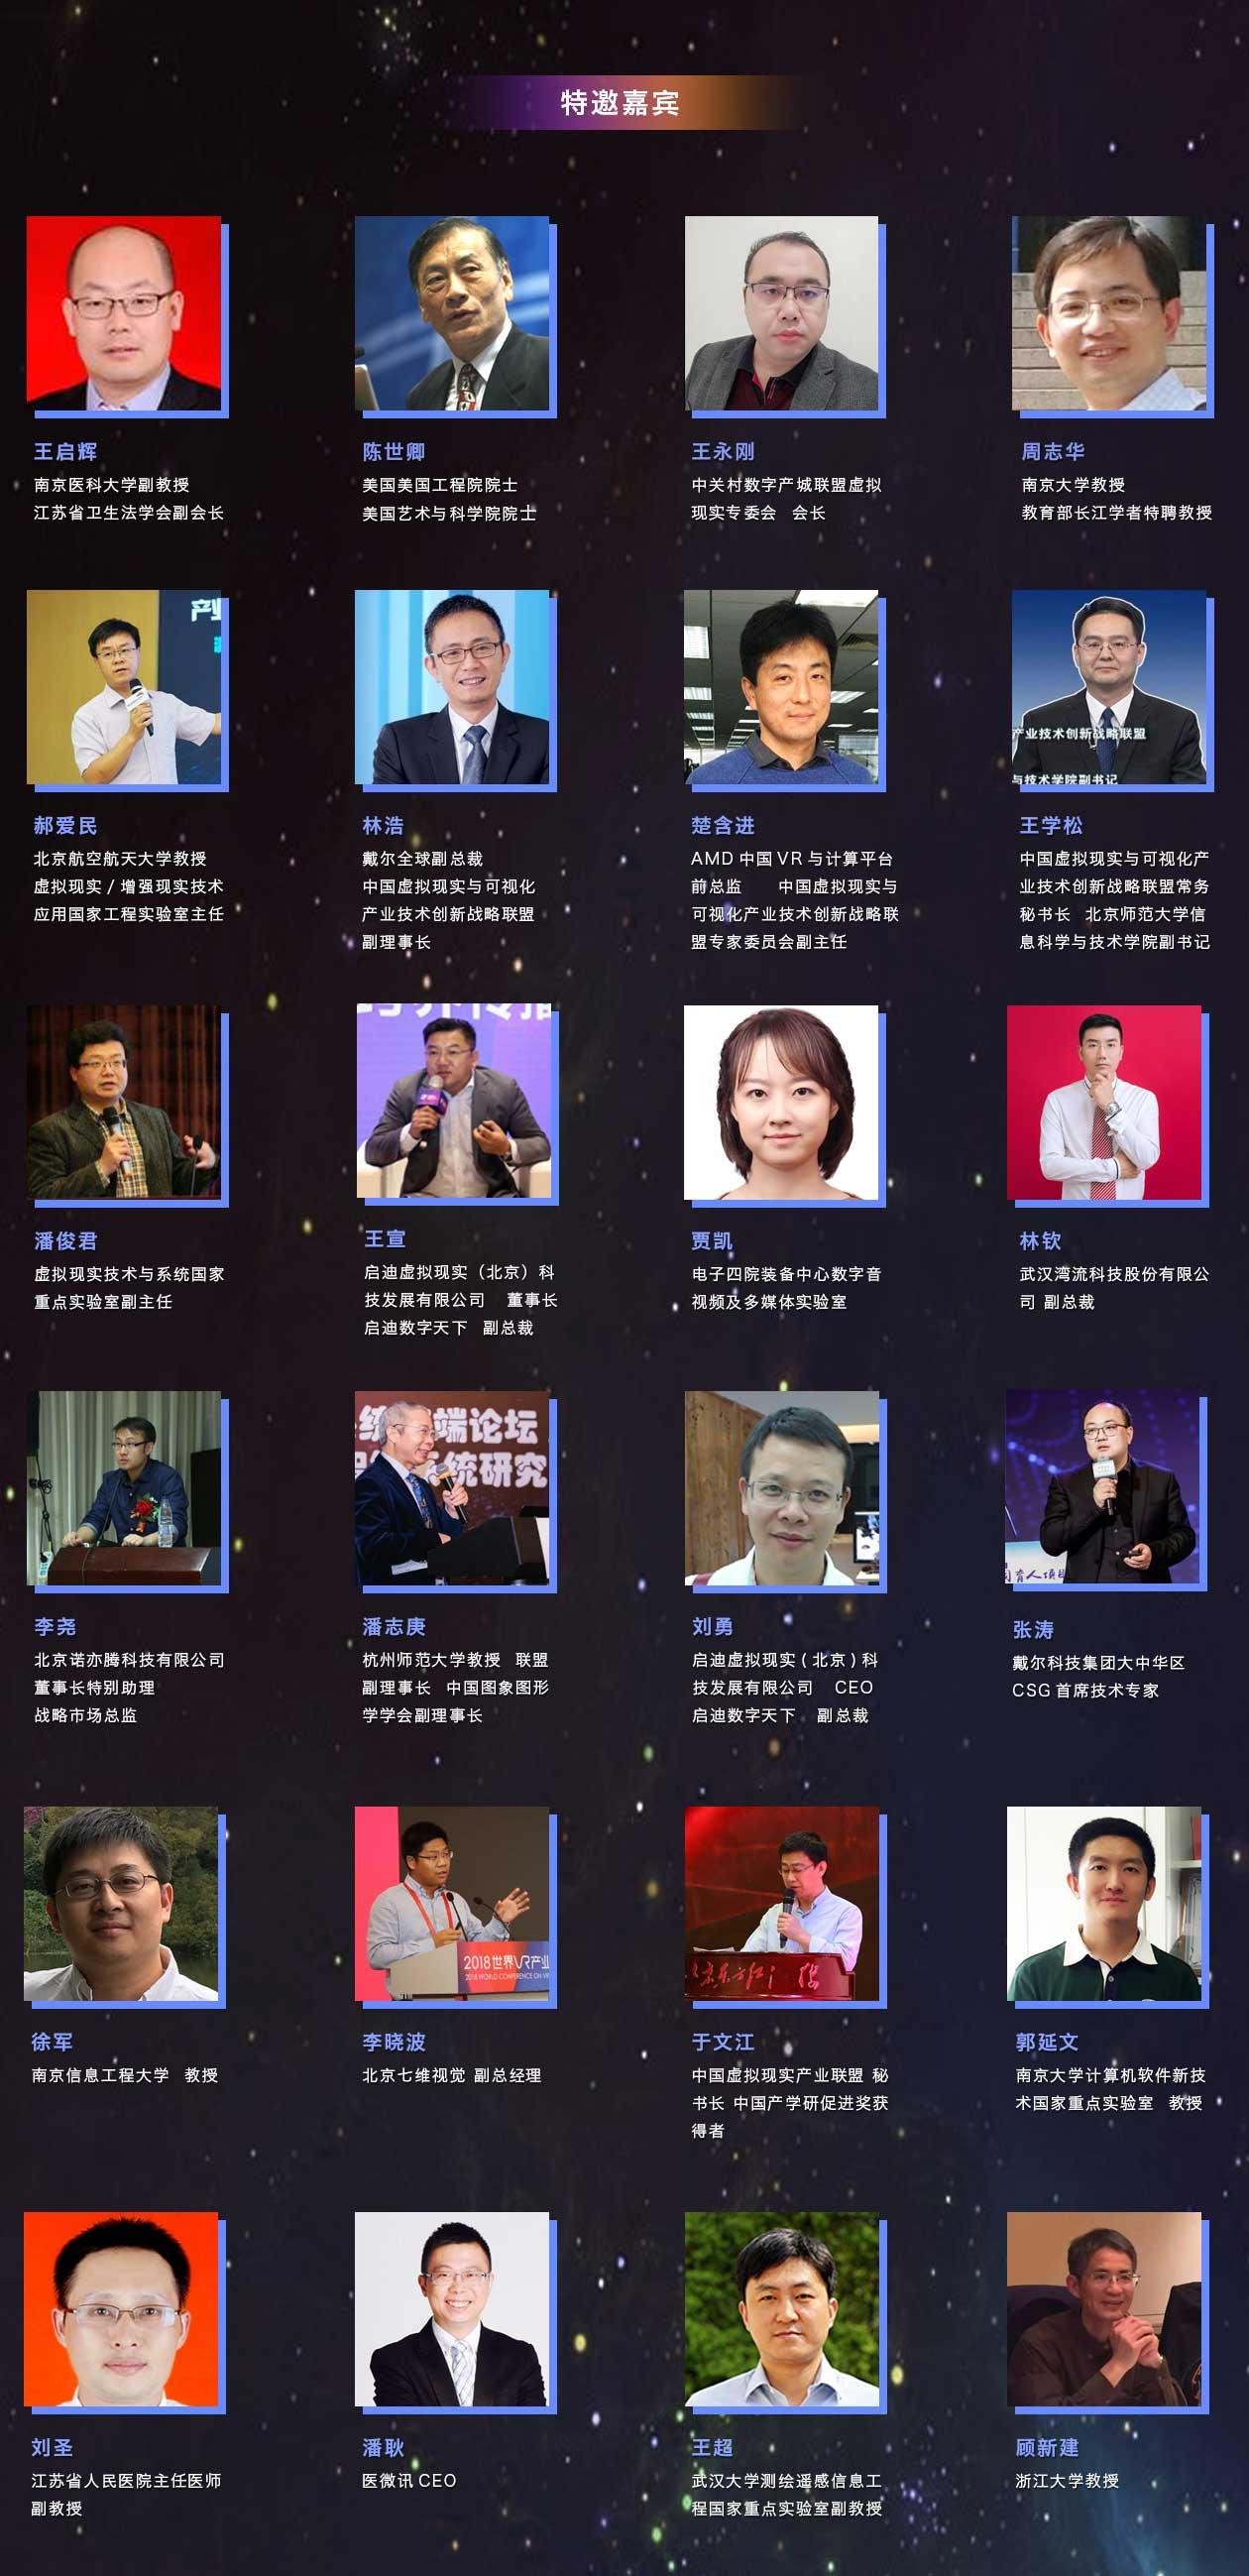 2019虚拟现实(中国 南京)产业发展国际创新大会